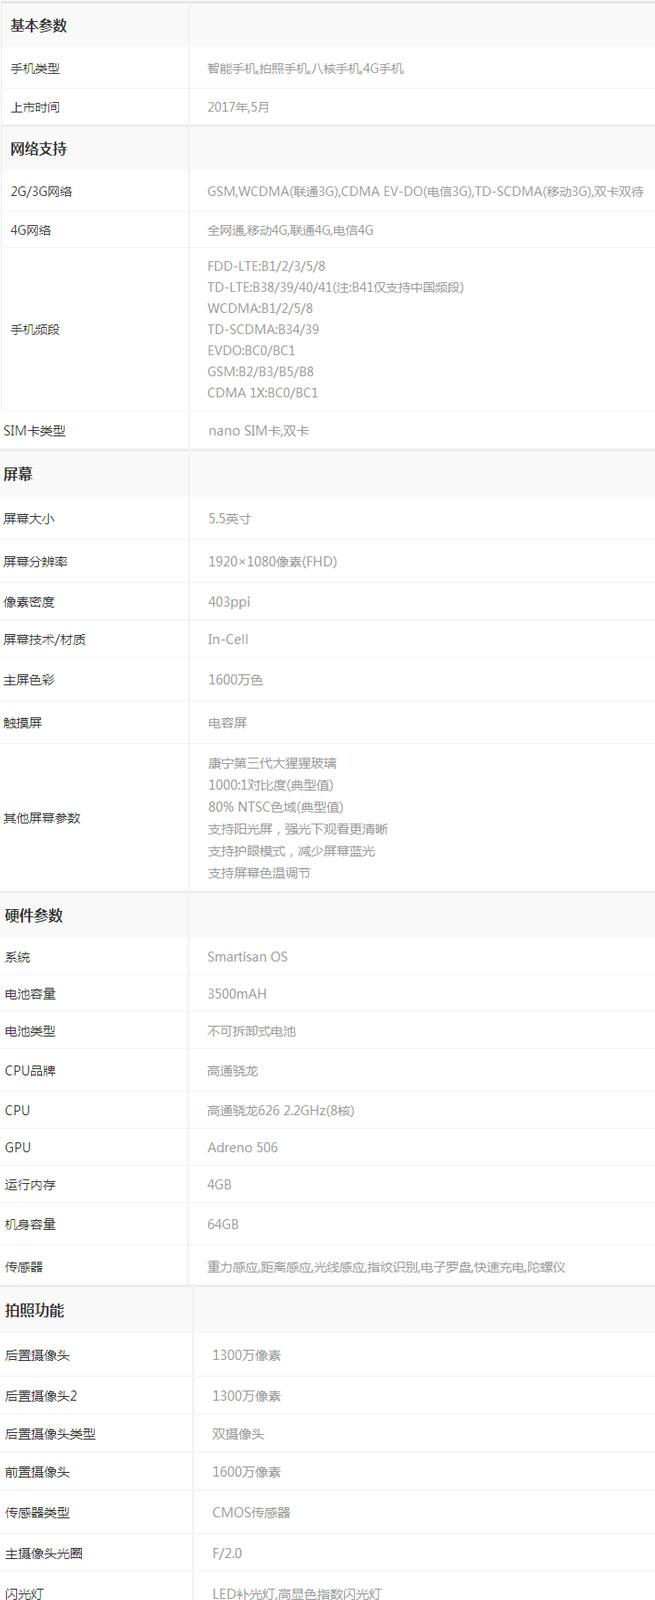 【坚果pro】发布会_坚果pro评测及价格手机参数